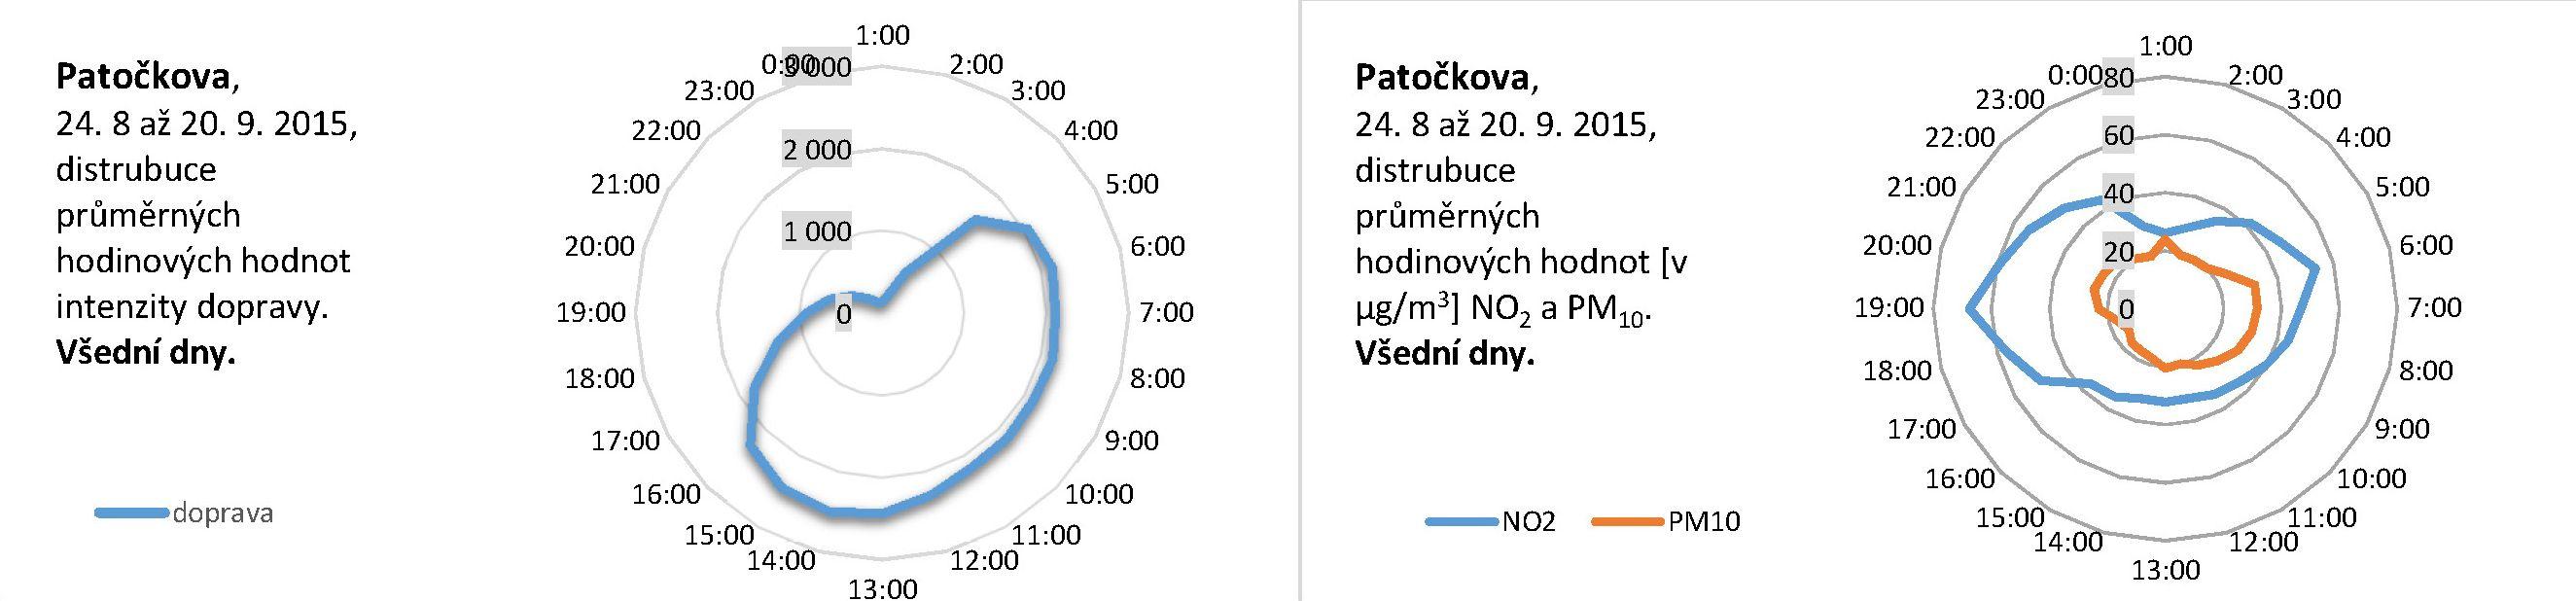 Patočkova - 09.2015 - Distribuce průměrných hodinových hodnot (všední den)